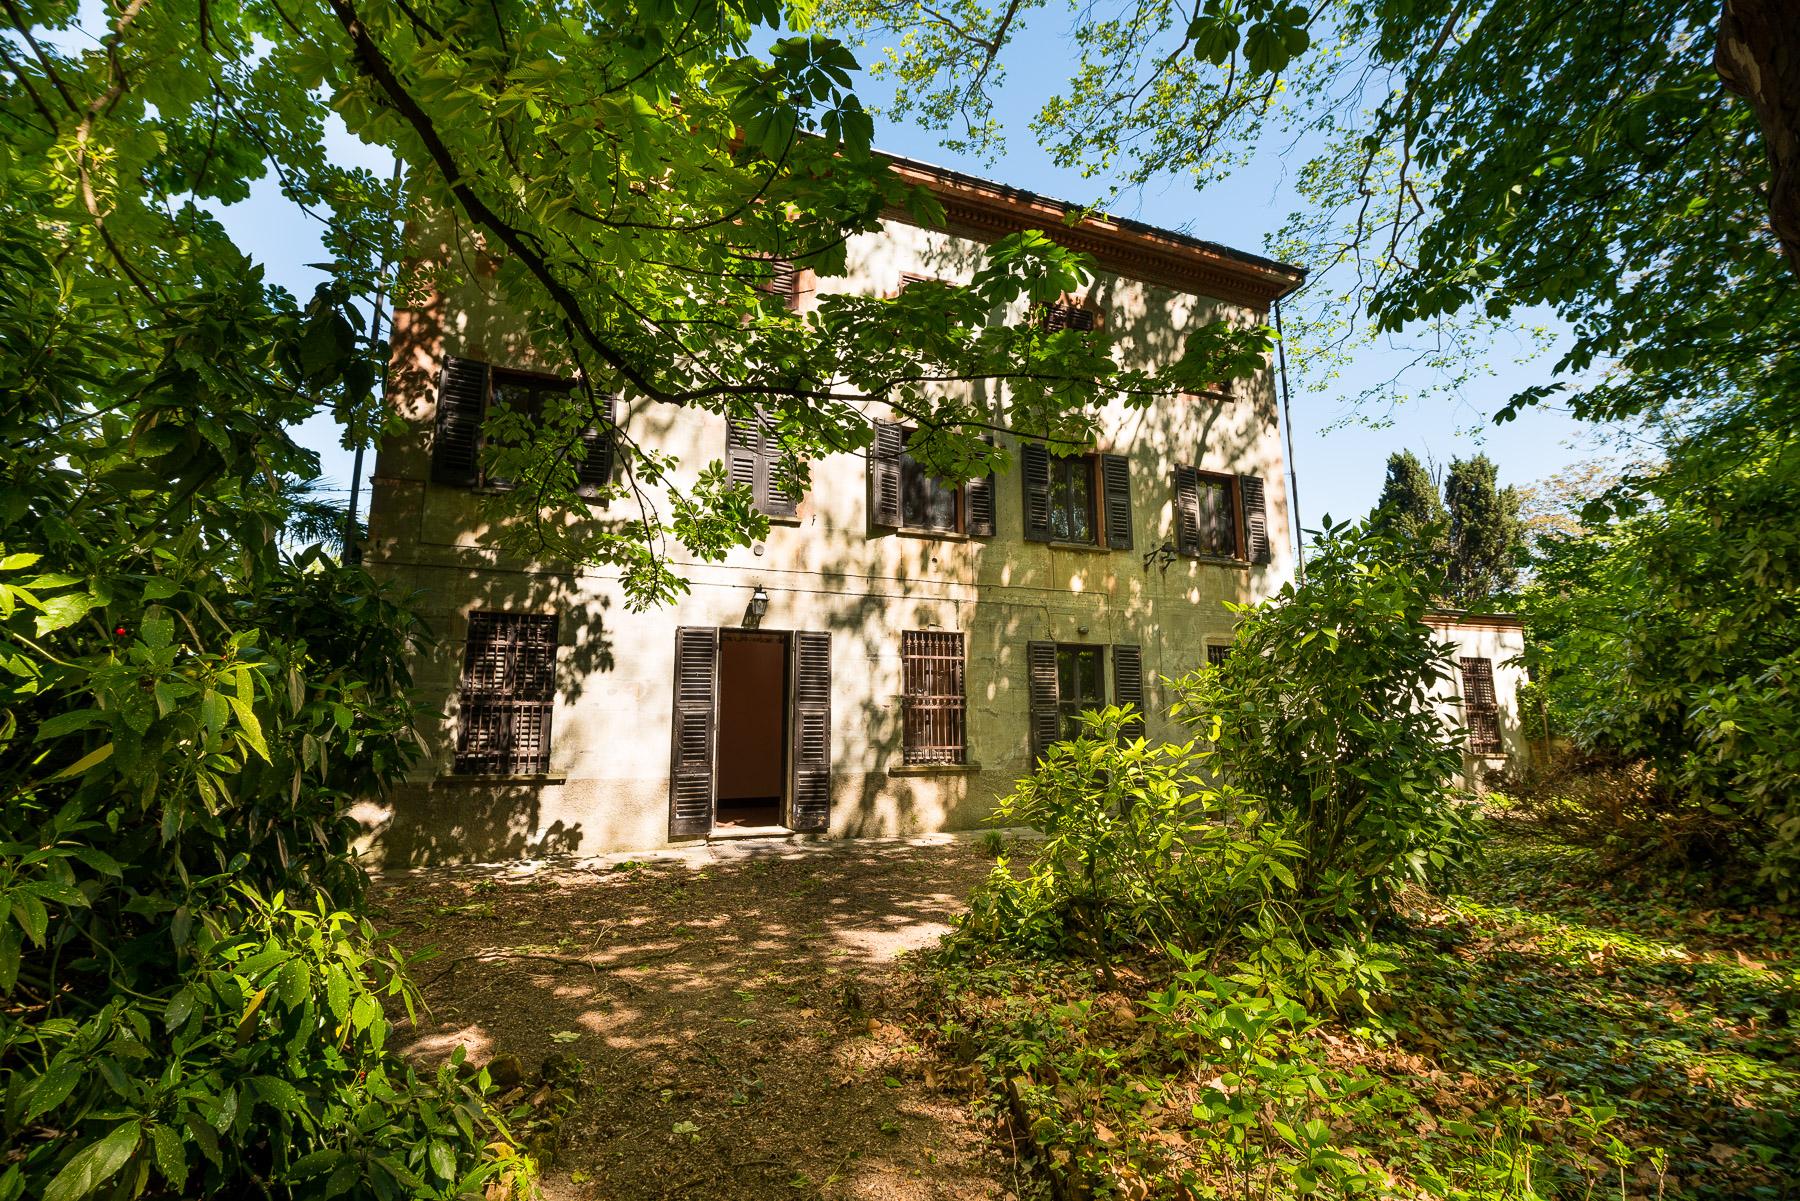 Villa in Vendita a Tagliolo Monferrato: 5 locali, 1350 mq - Foto 2